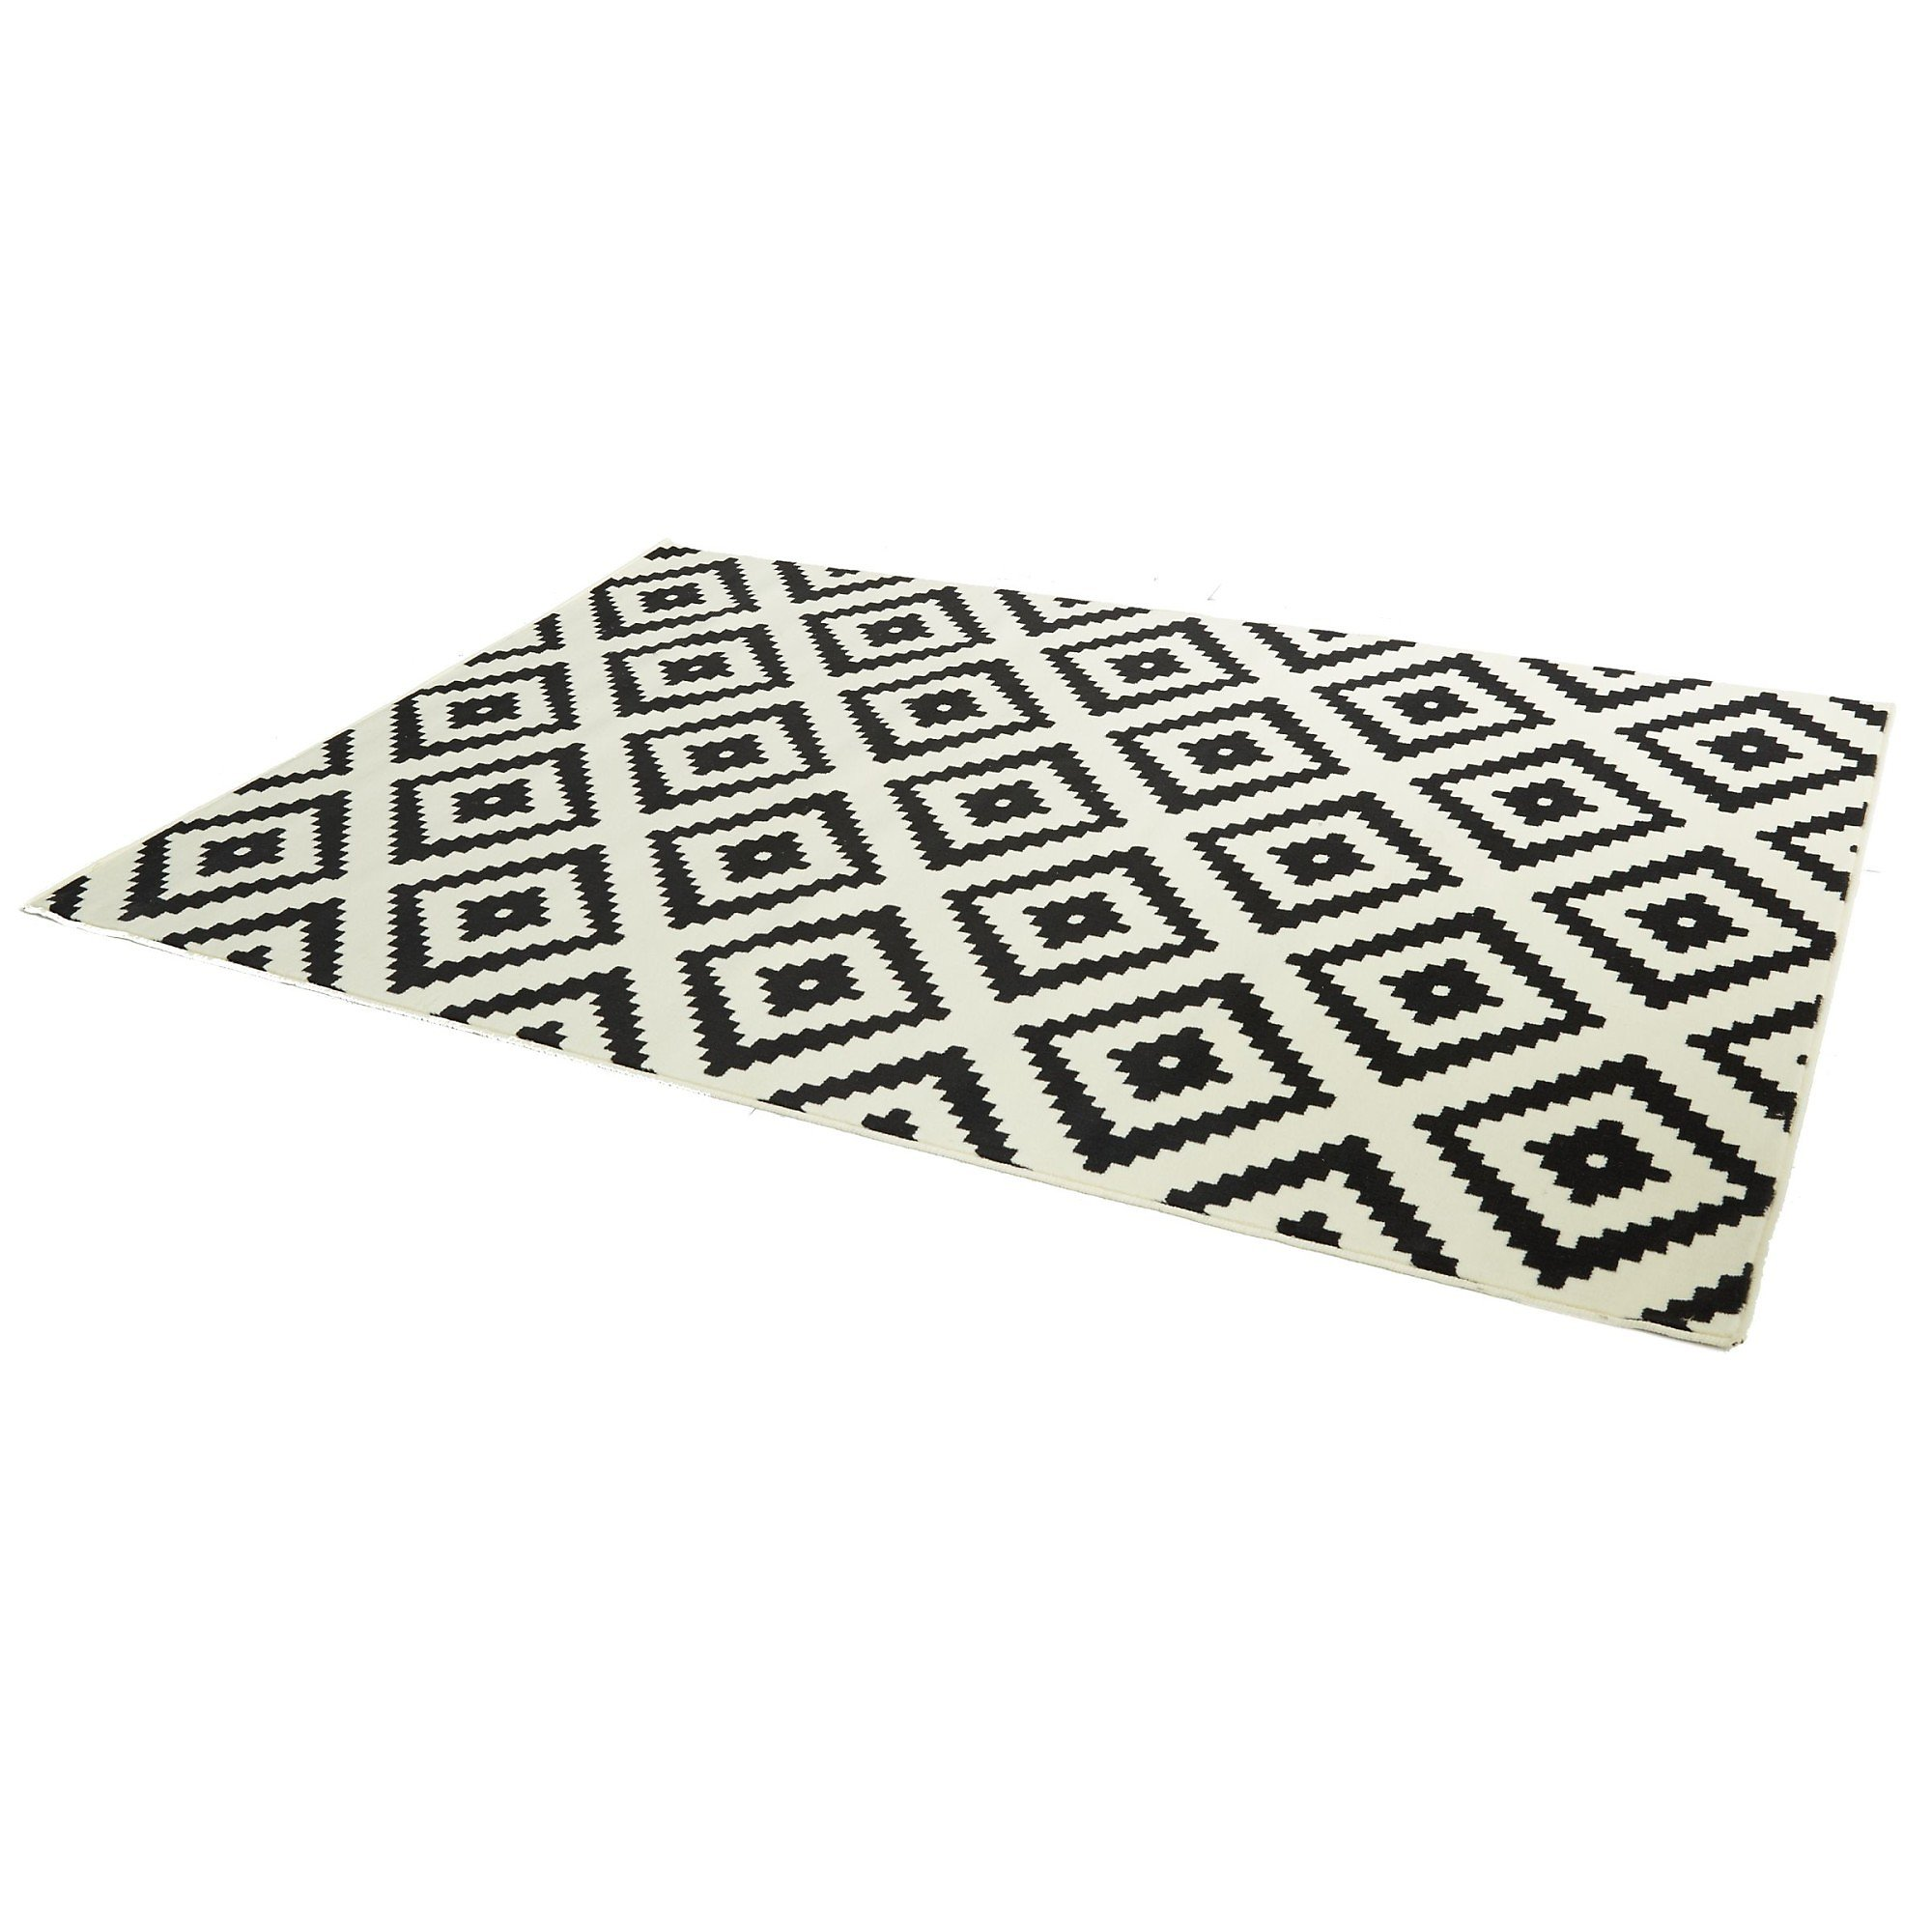 Teppich Raute Creme Schwarz 160x230 Bestellen Weltbild De